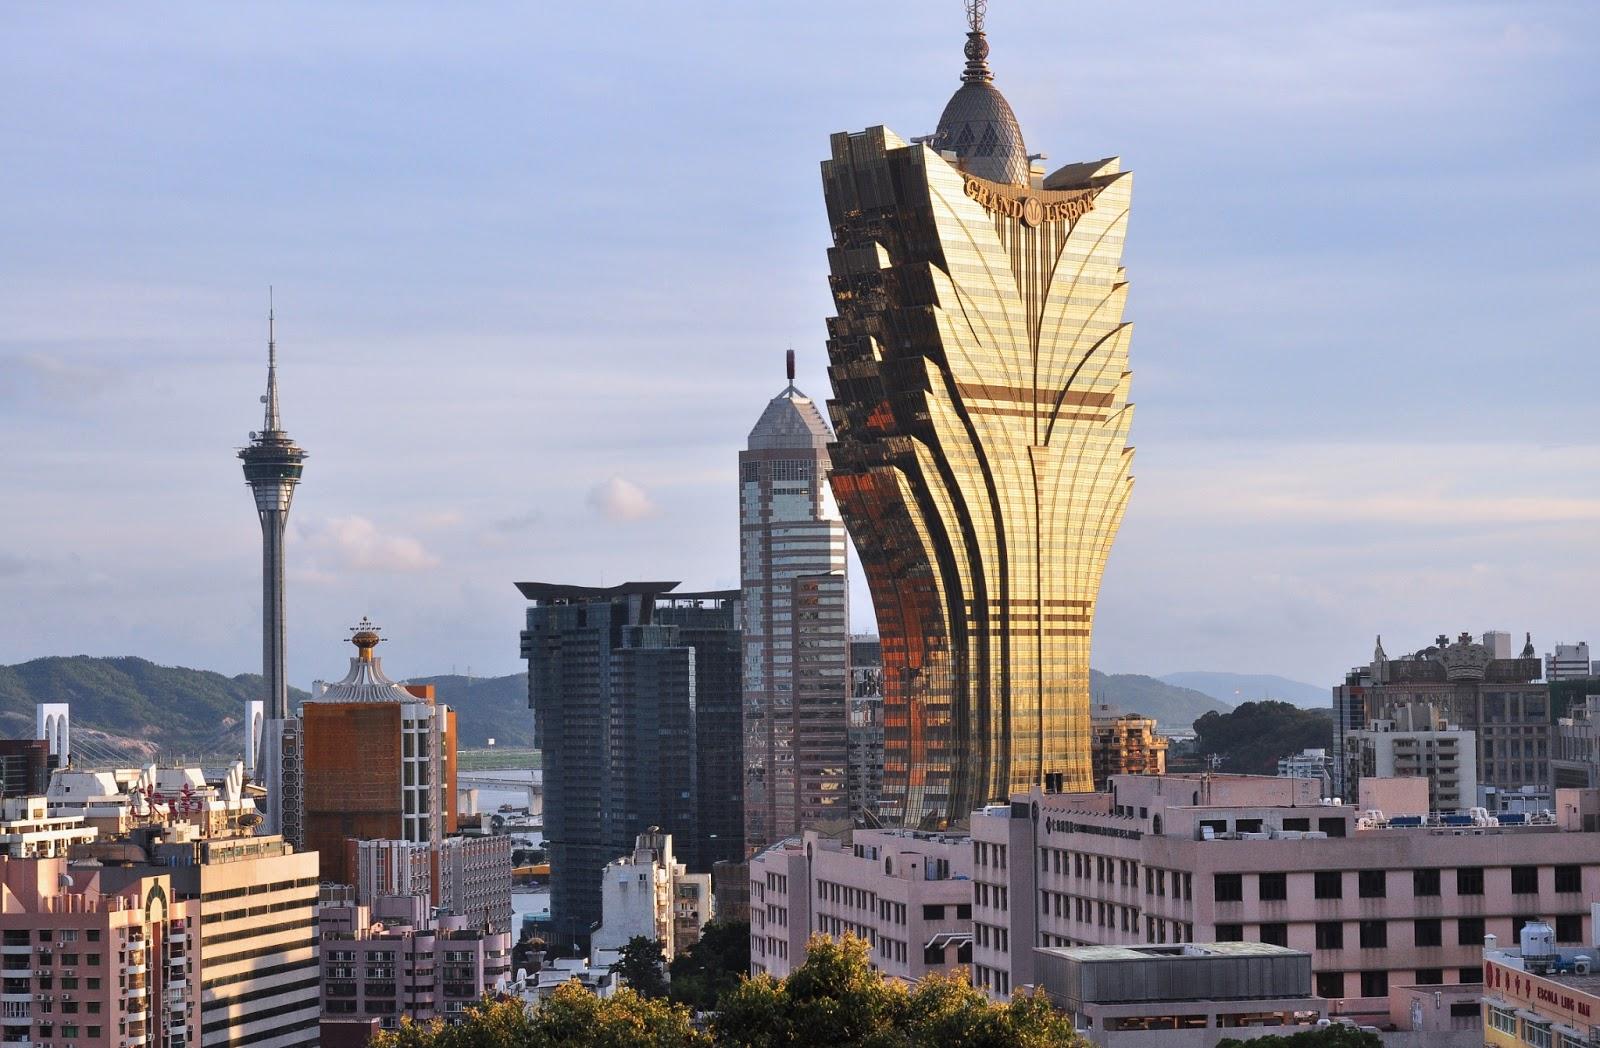 Best Hotel In Macau With Casino